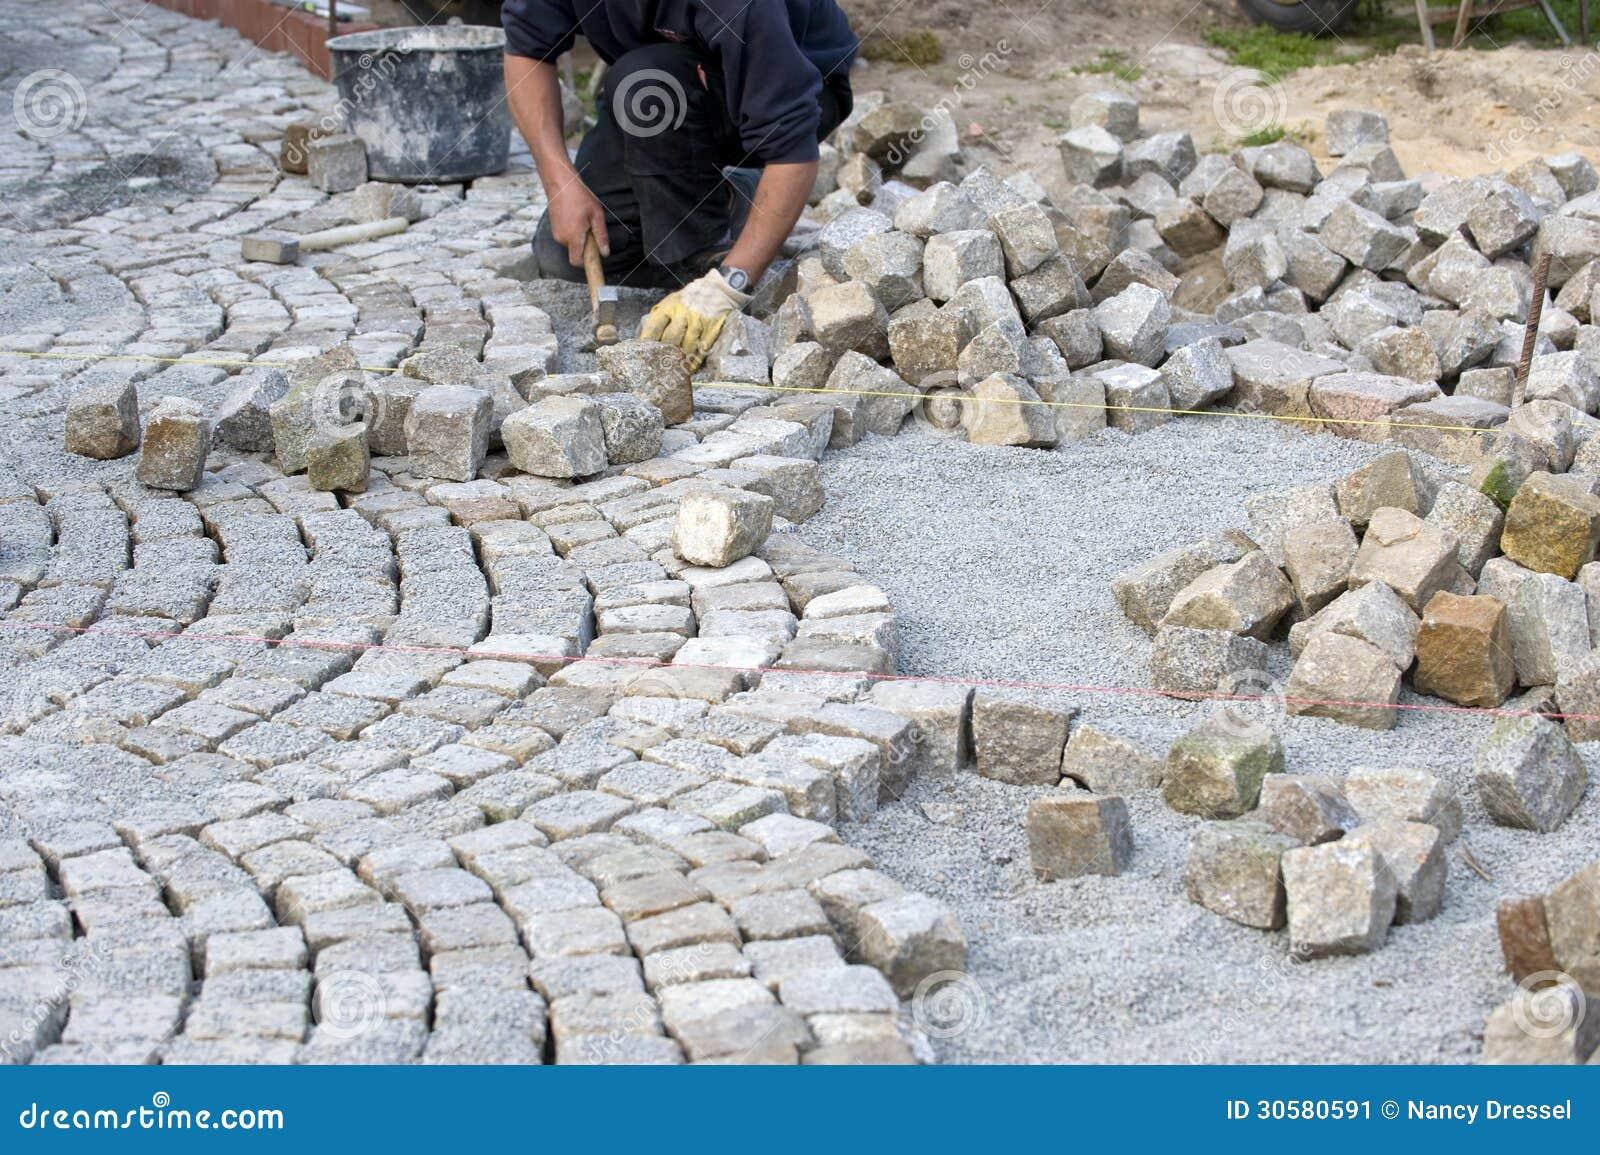 Download Italian cobblestone paver stock image. Image of cobble - 30580591